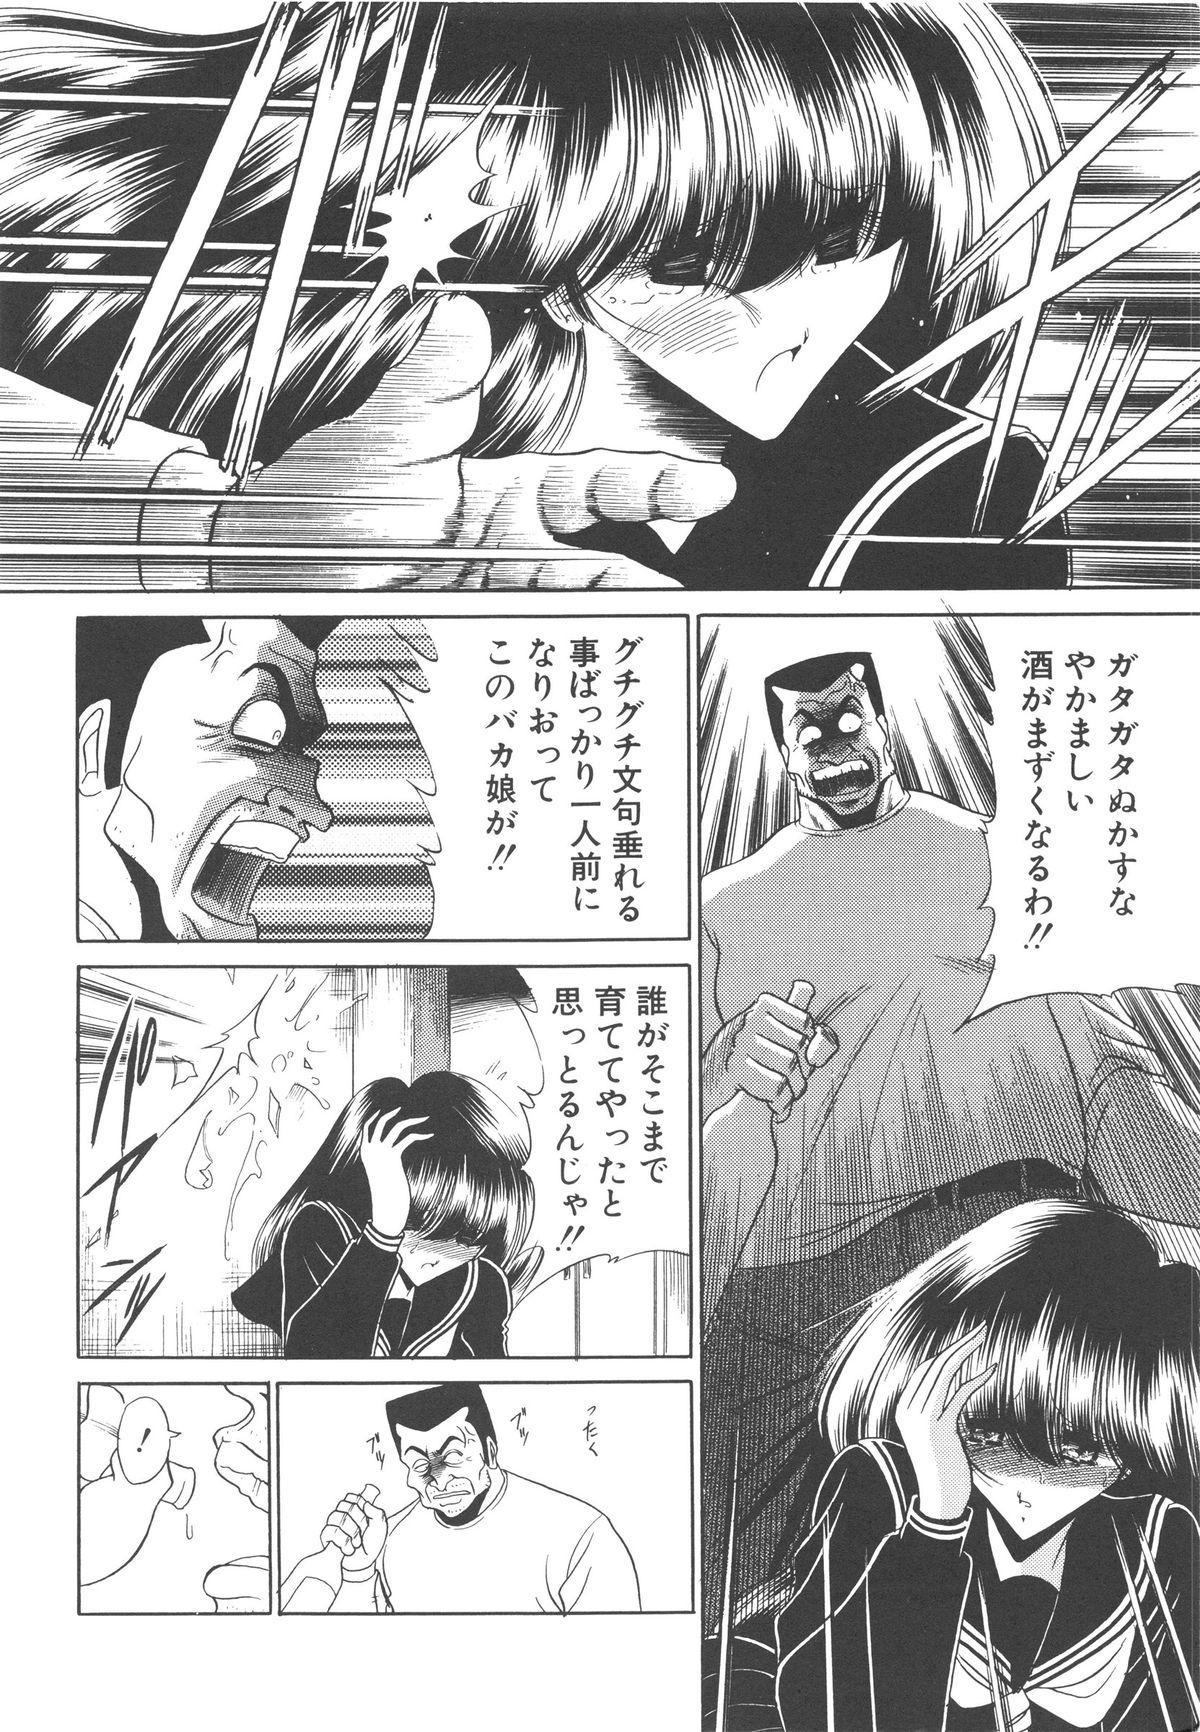 Aware na Shoujo no Hanashi 10